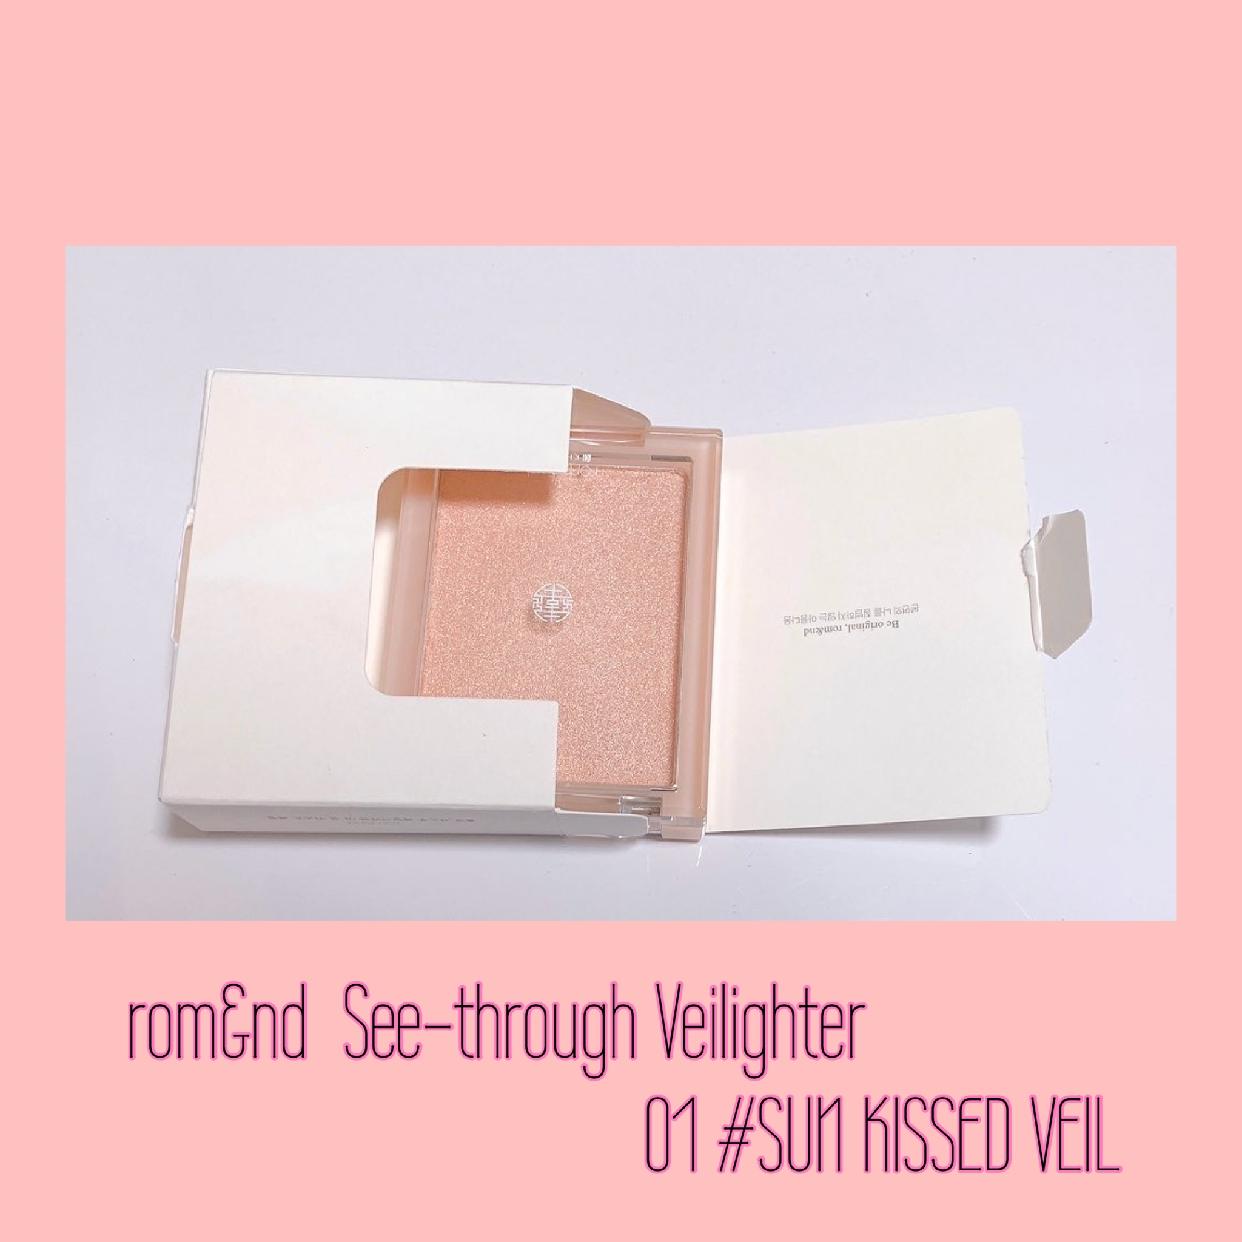 rom&nd(ロムアンド) シースルーベールライターを使った葵さんのクチコミ画像